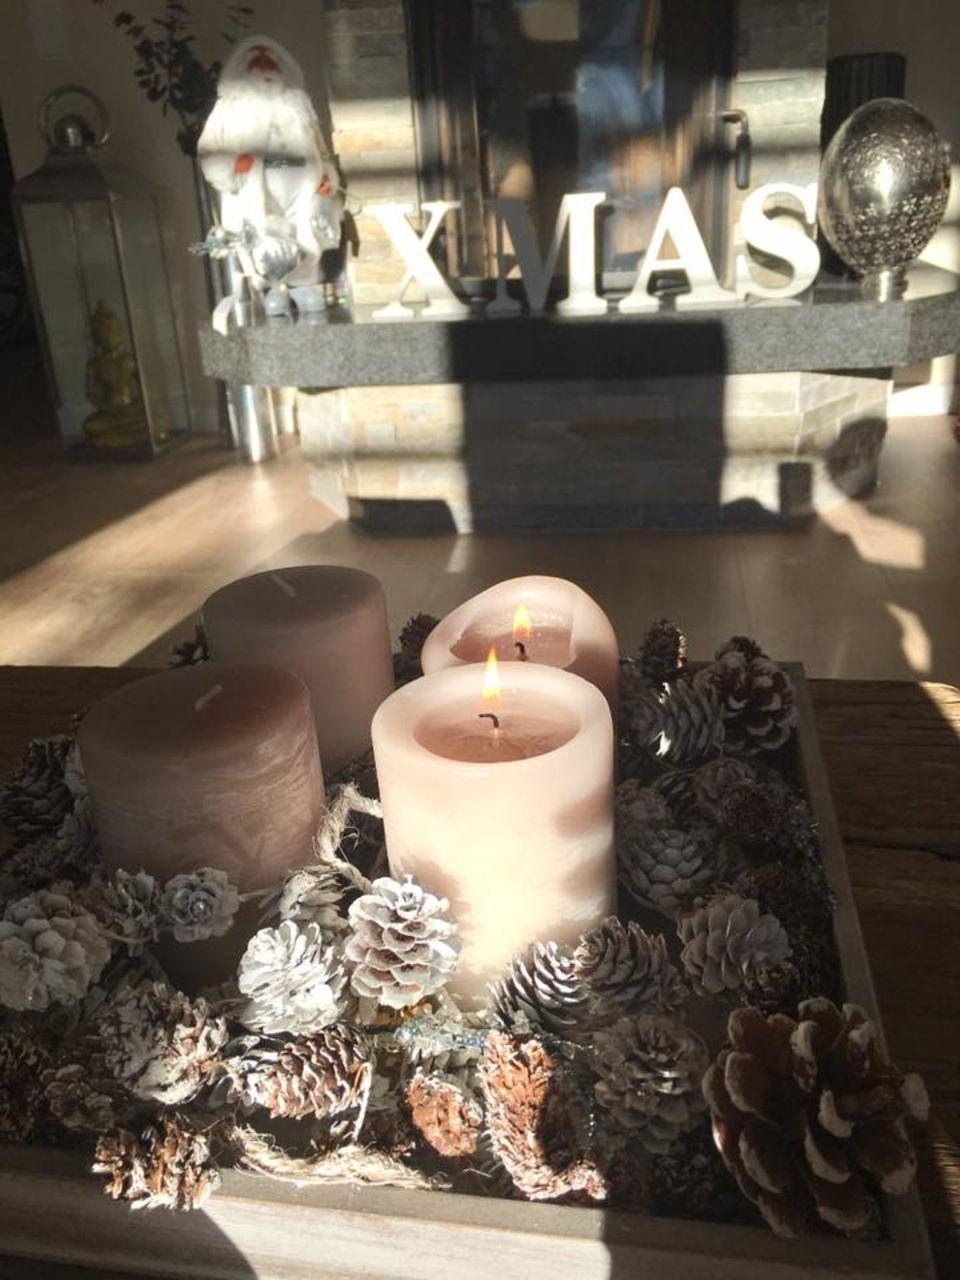 Mit einem Foto ihres Adventskranzes grüßt uns die sympathische Jana Ina Zarrella aus ihrem gemütlichen zu Hause.